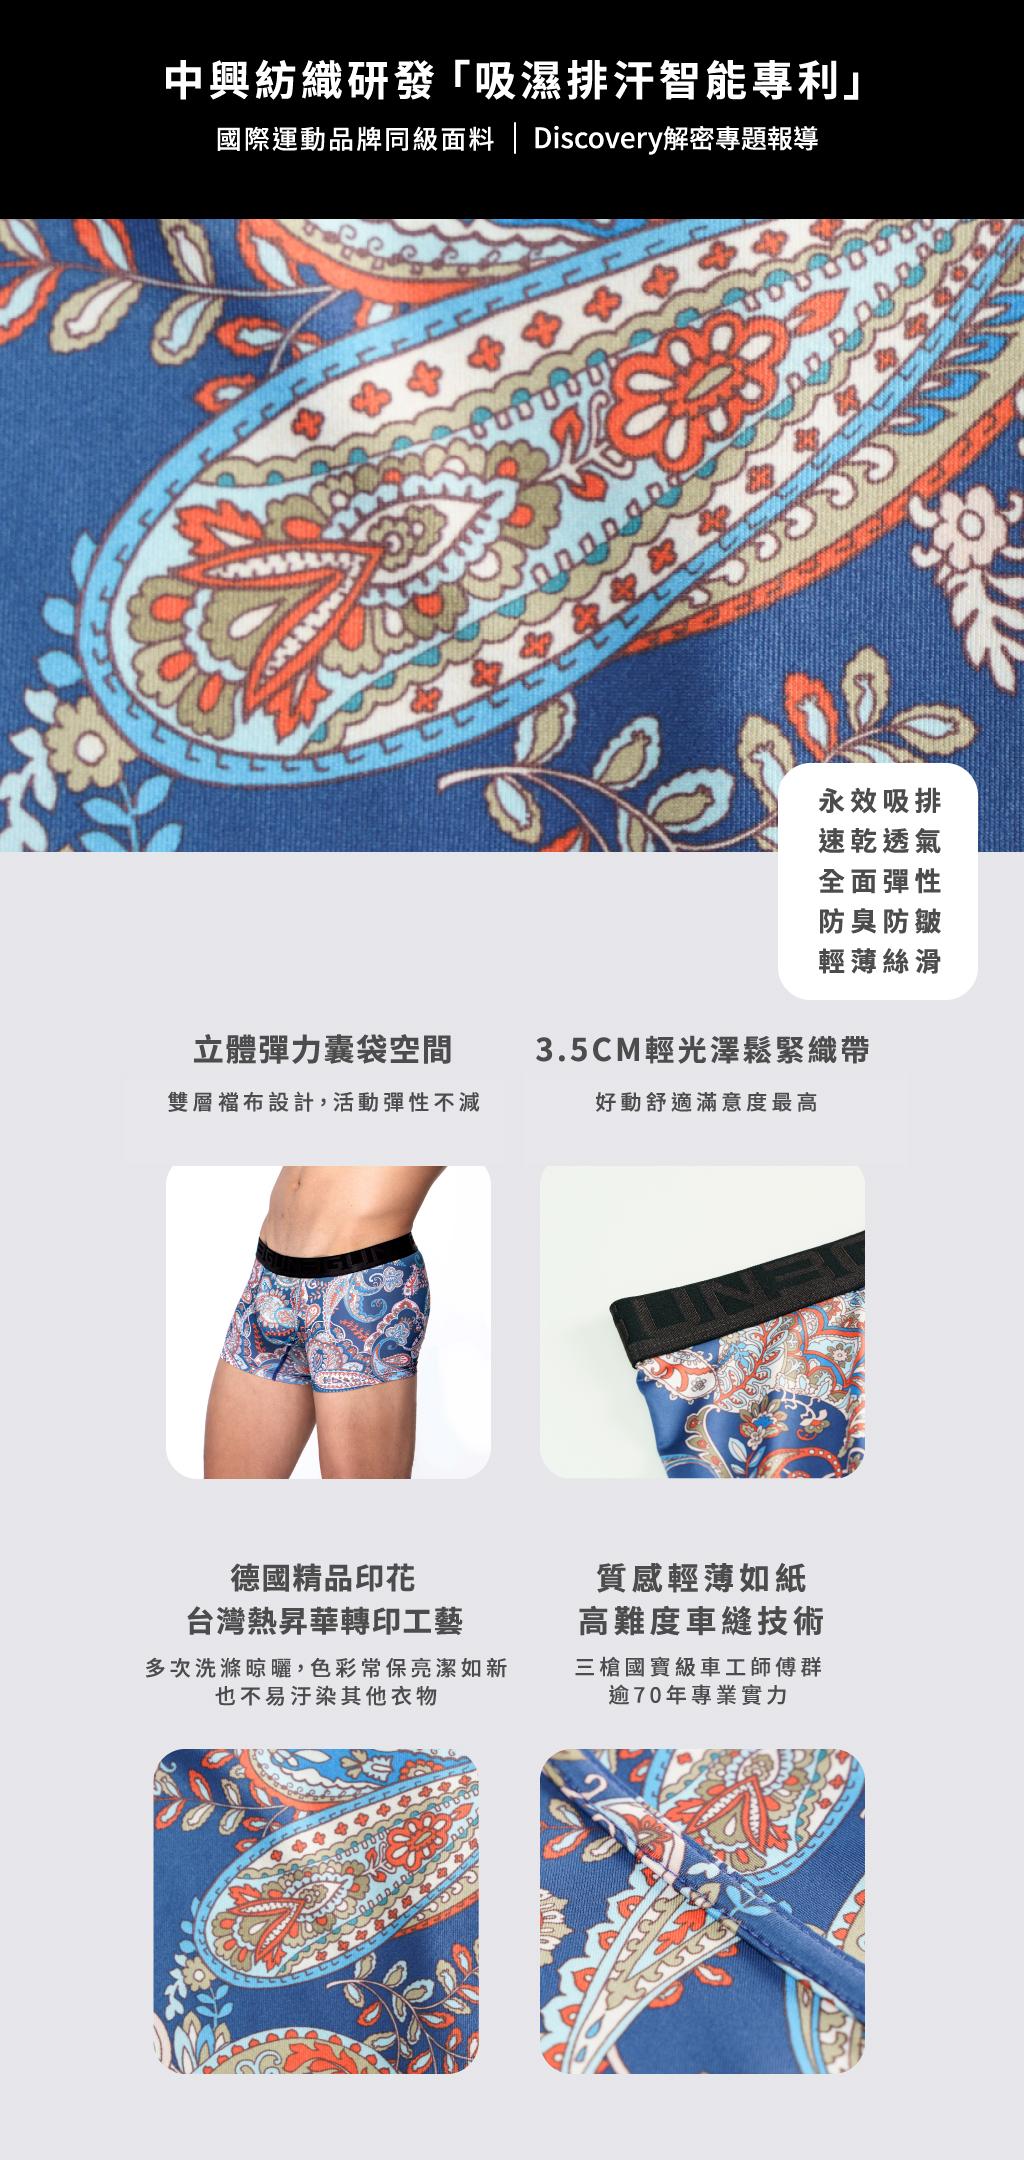 佩斯利紋男永效吸排三角褲-限量印花-3GUN |男性時尚內衣褲MIT品牌